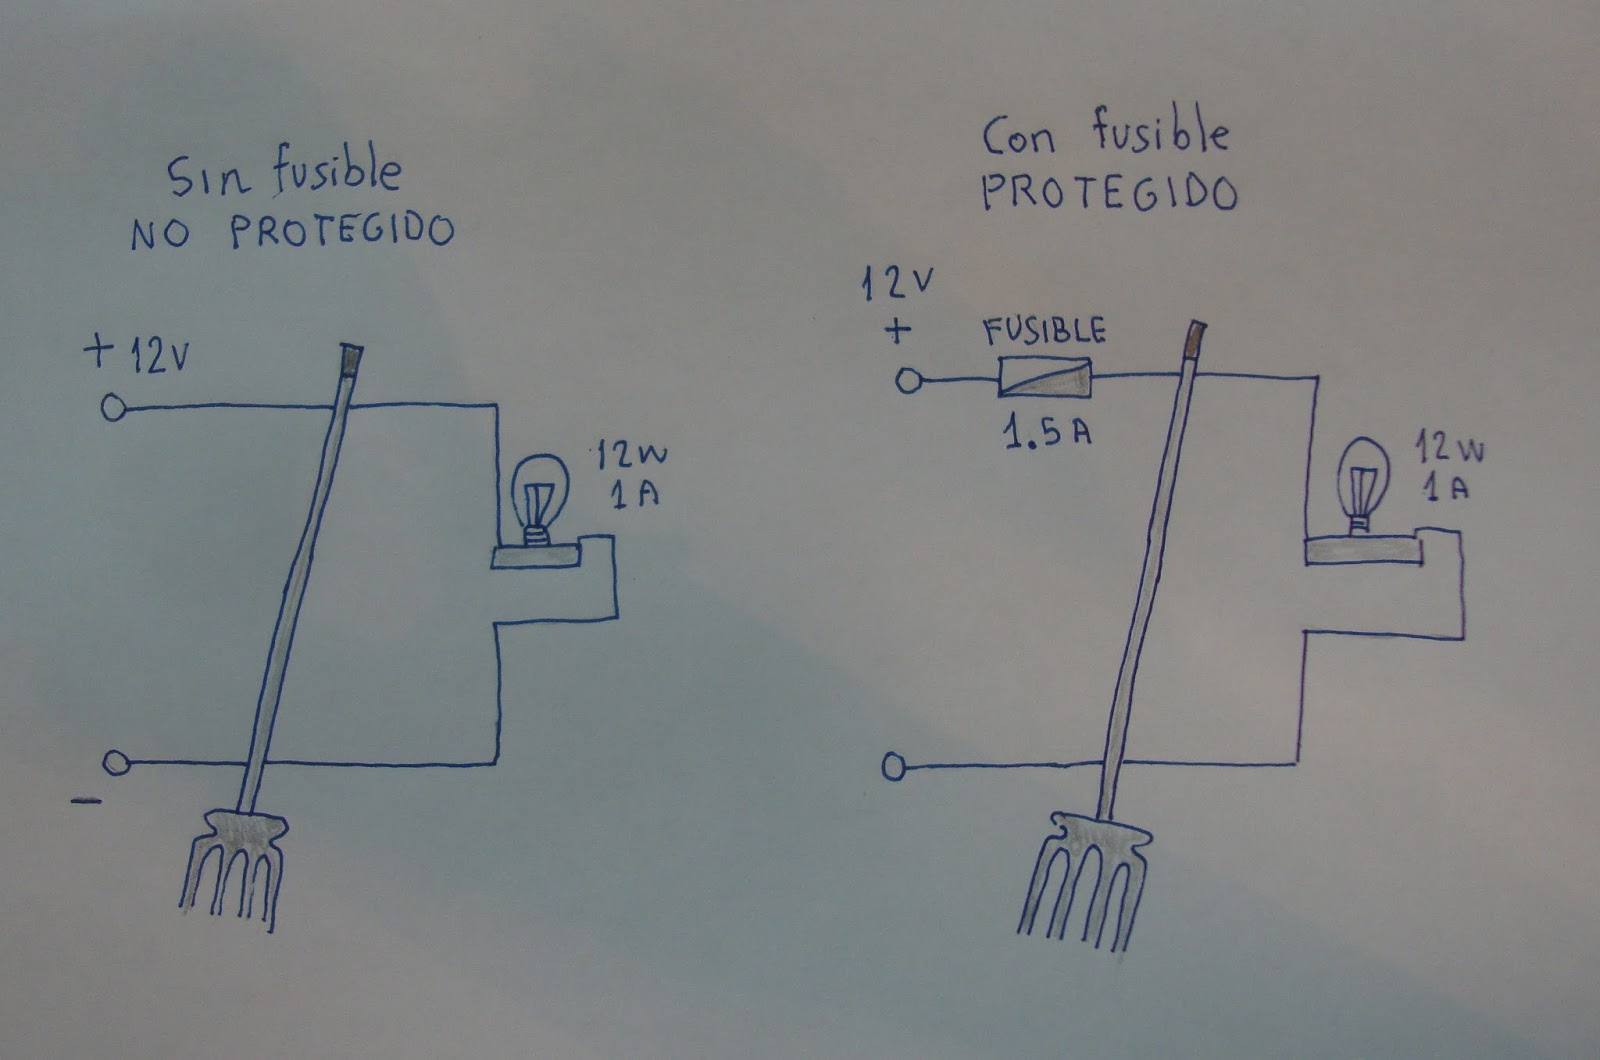 Circuito Que Recorre La Electricidad Desde Su Generación Hasta Su Consumo : Electrónica básica cap los fusibles vilavide portal para